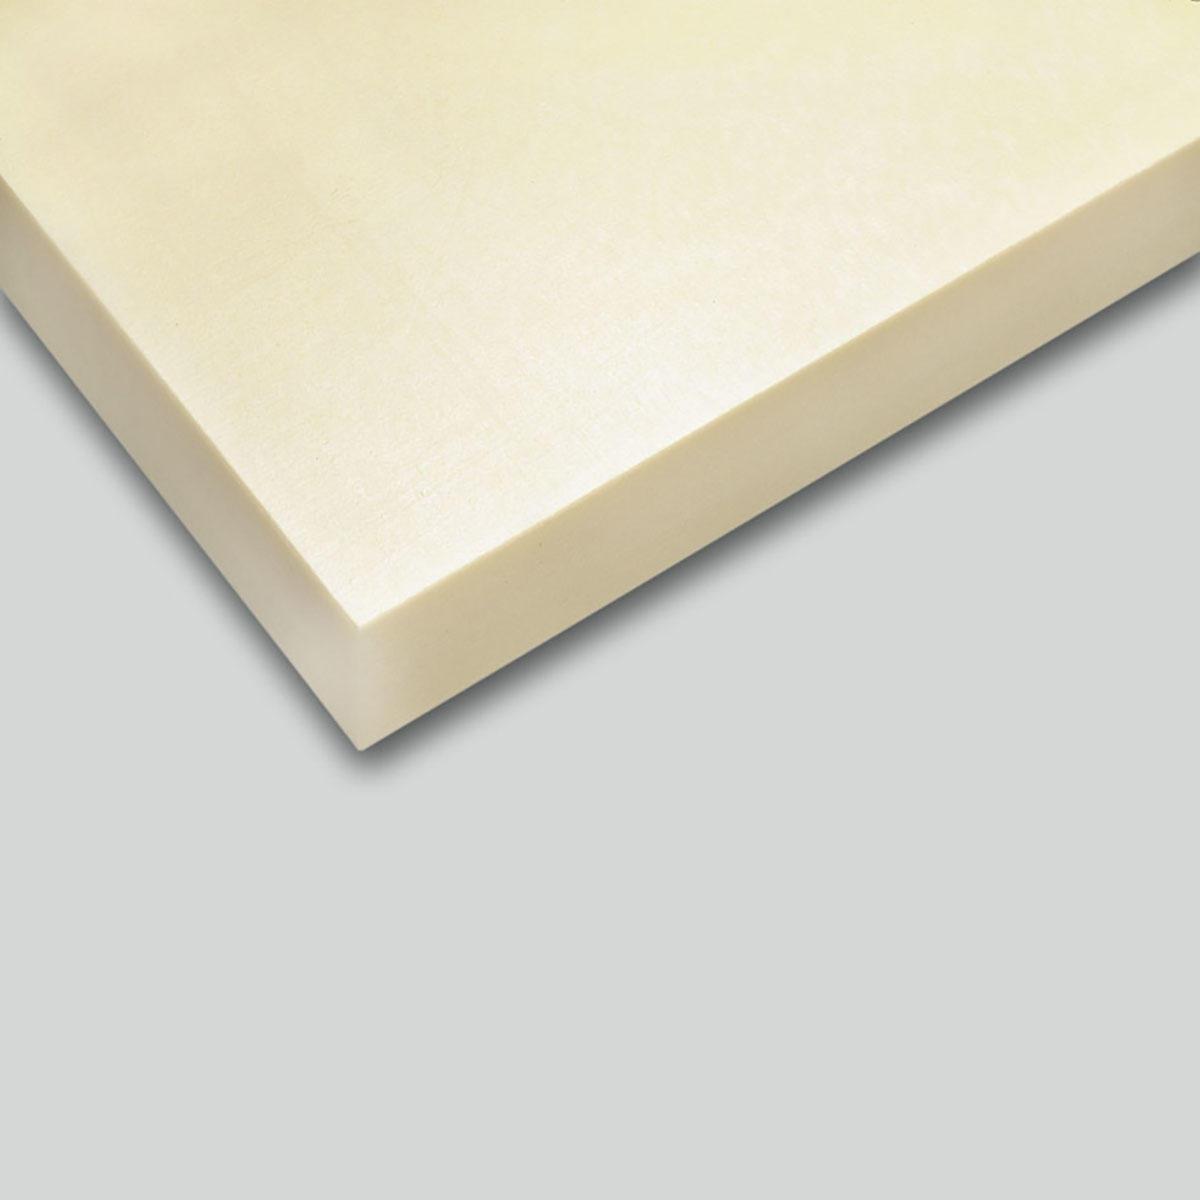 Pannello isolante in polistirene estruso FORTLAN XPS 300 0.6 x 1.25 m, Sp 40 mm - 2